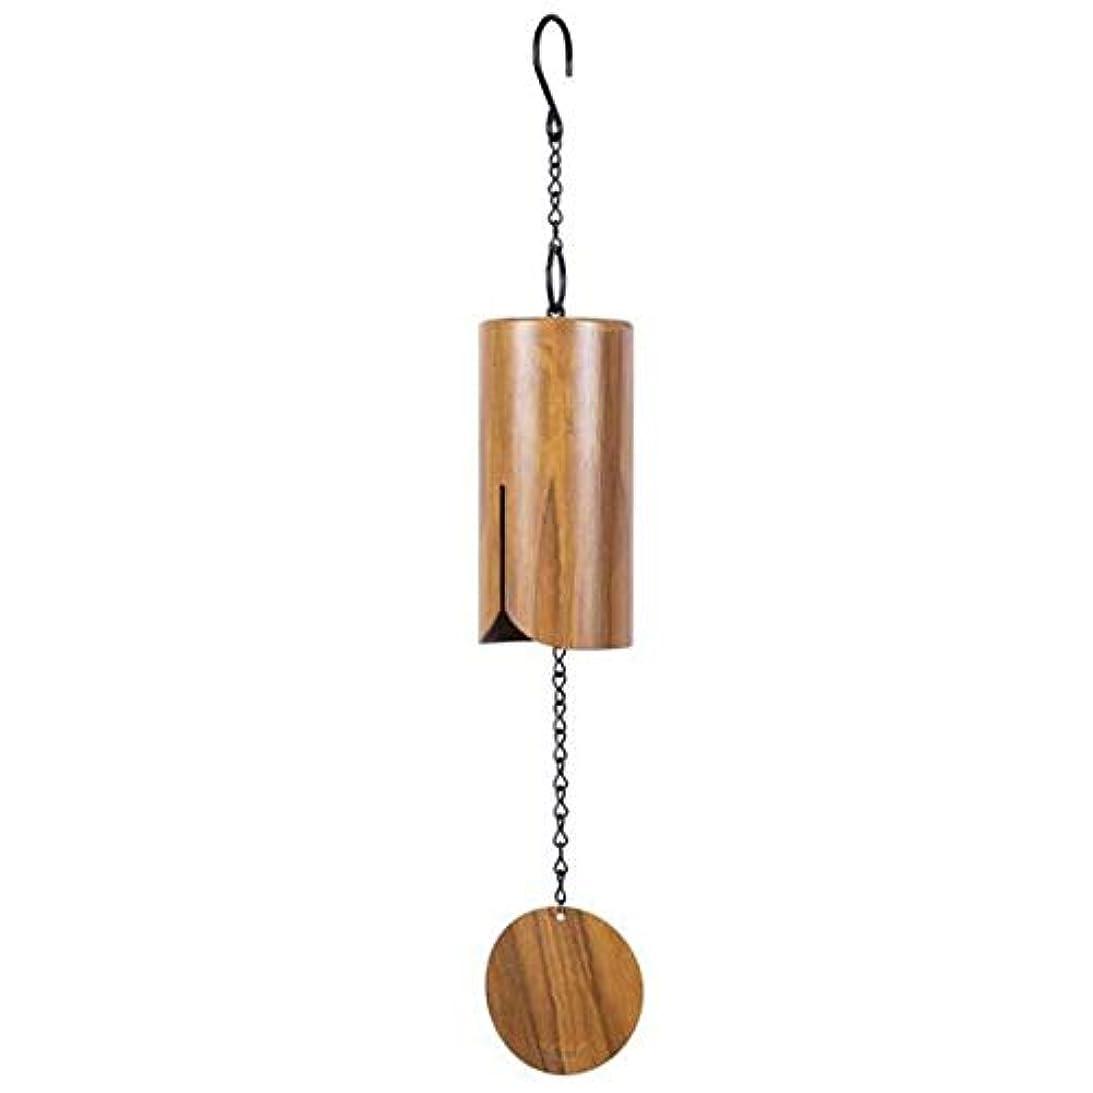 一次ビバ苗Hongyushanghang 風チャイム、アイアンレトロクリエイティブ風の鐘、ブラック、全身について76センチメートル,、ジュエリークリエイティブホリデーギフトを掛ける (Color : Brown)